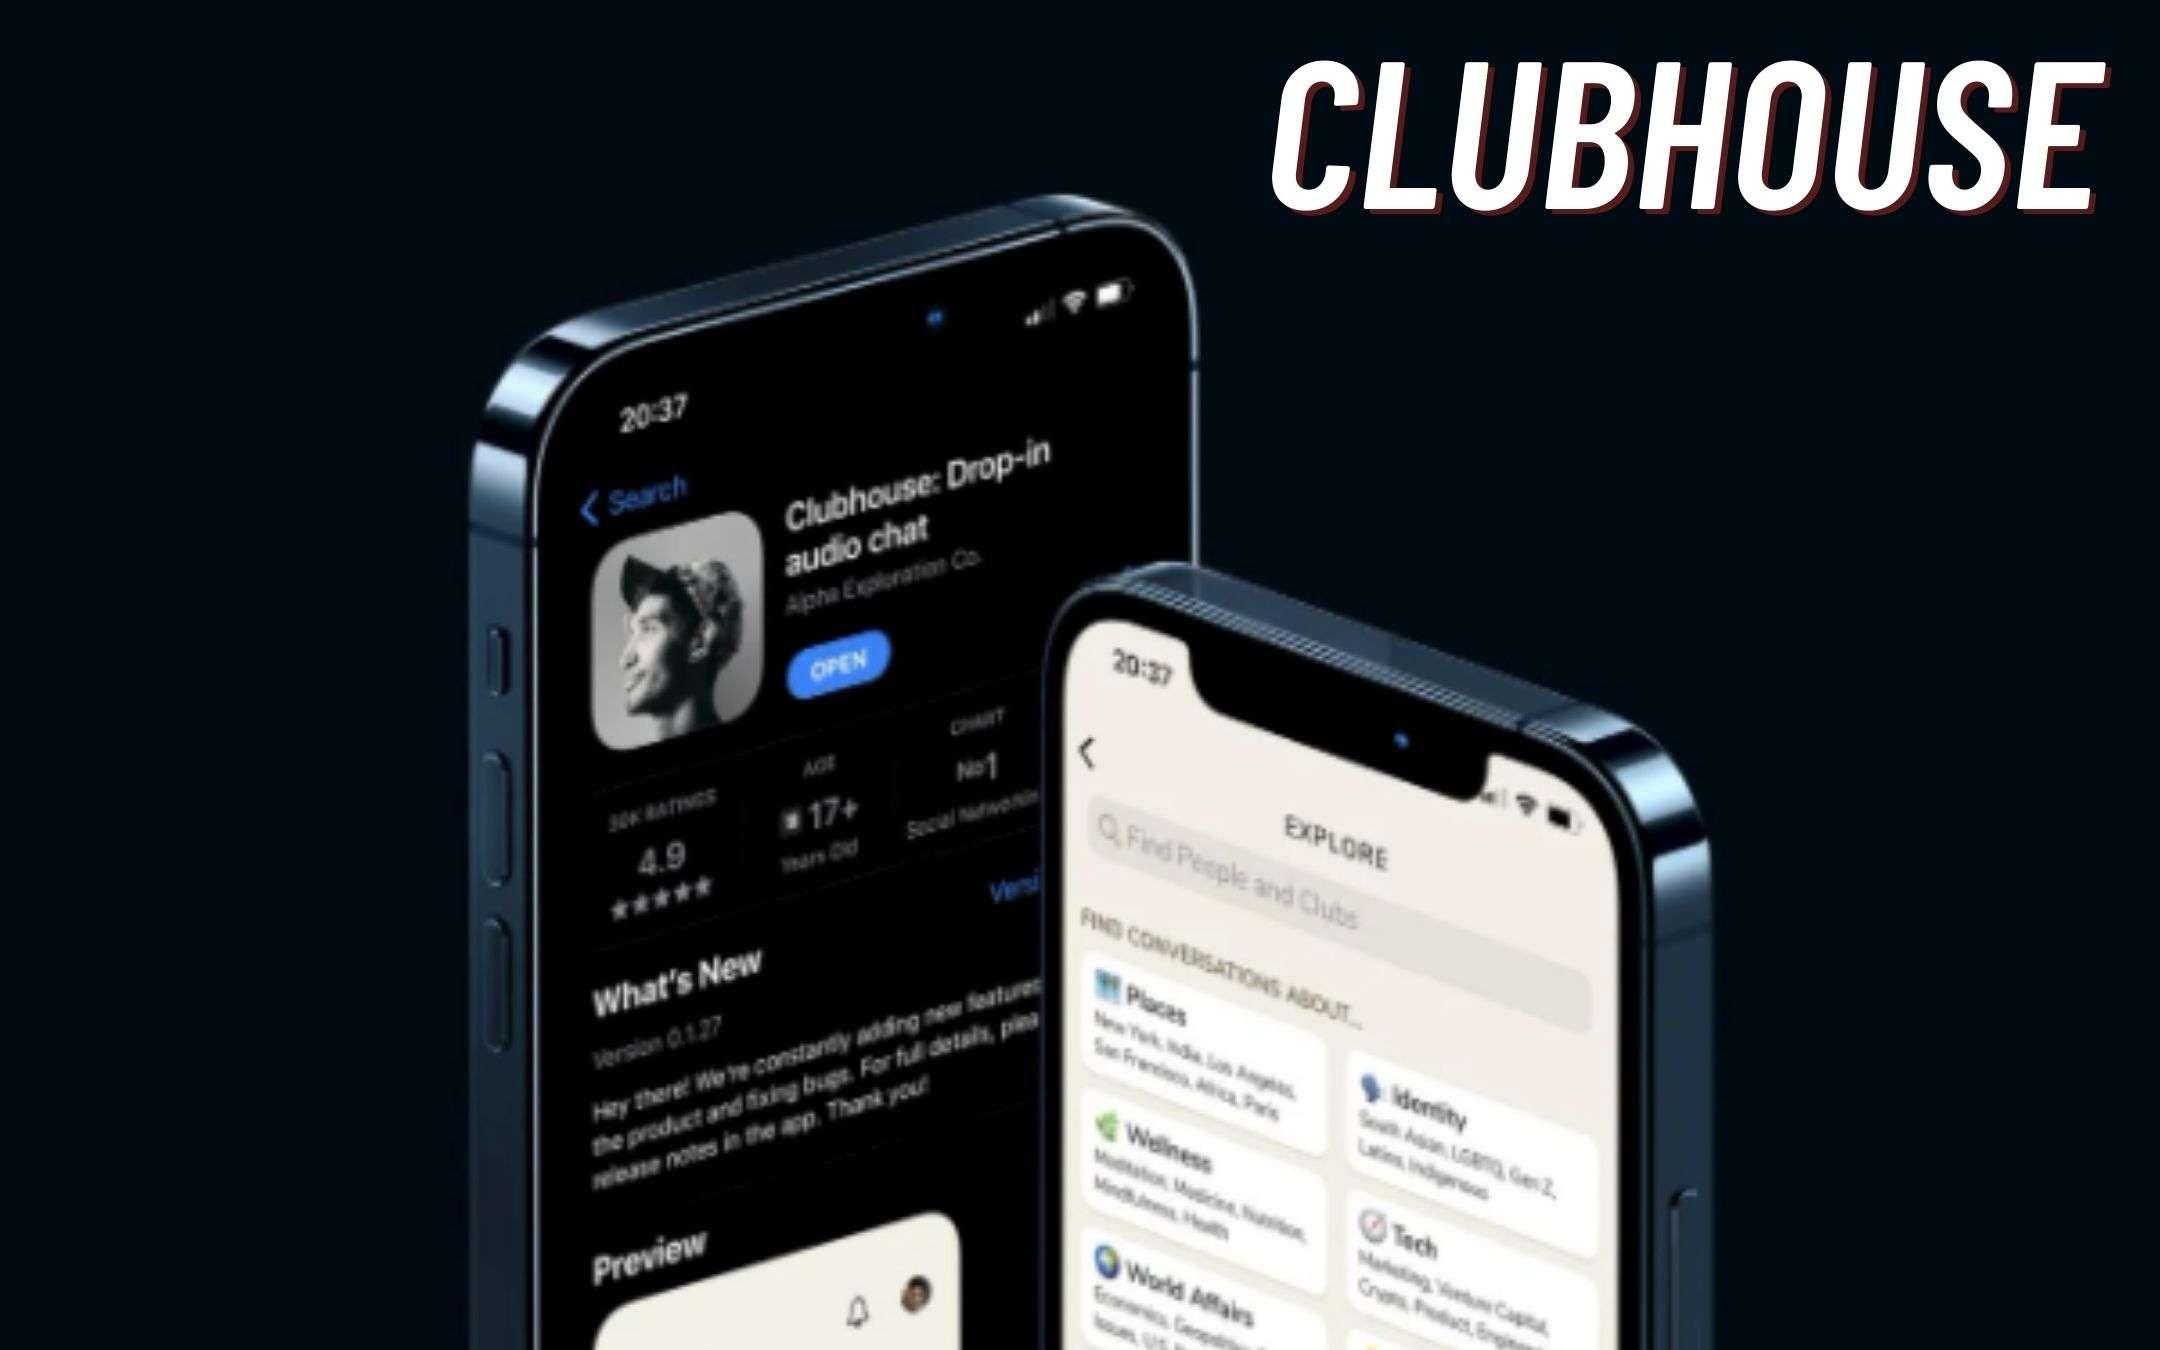 Clubhouse per iOS: ecco le incredibili novità